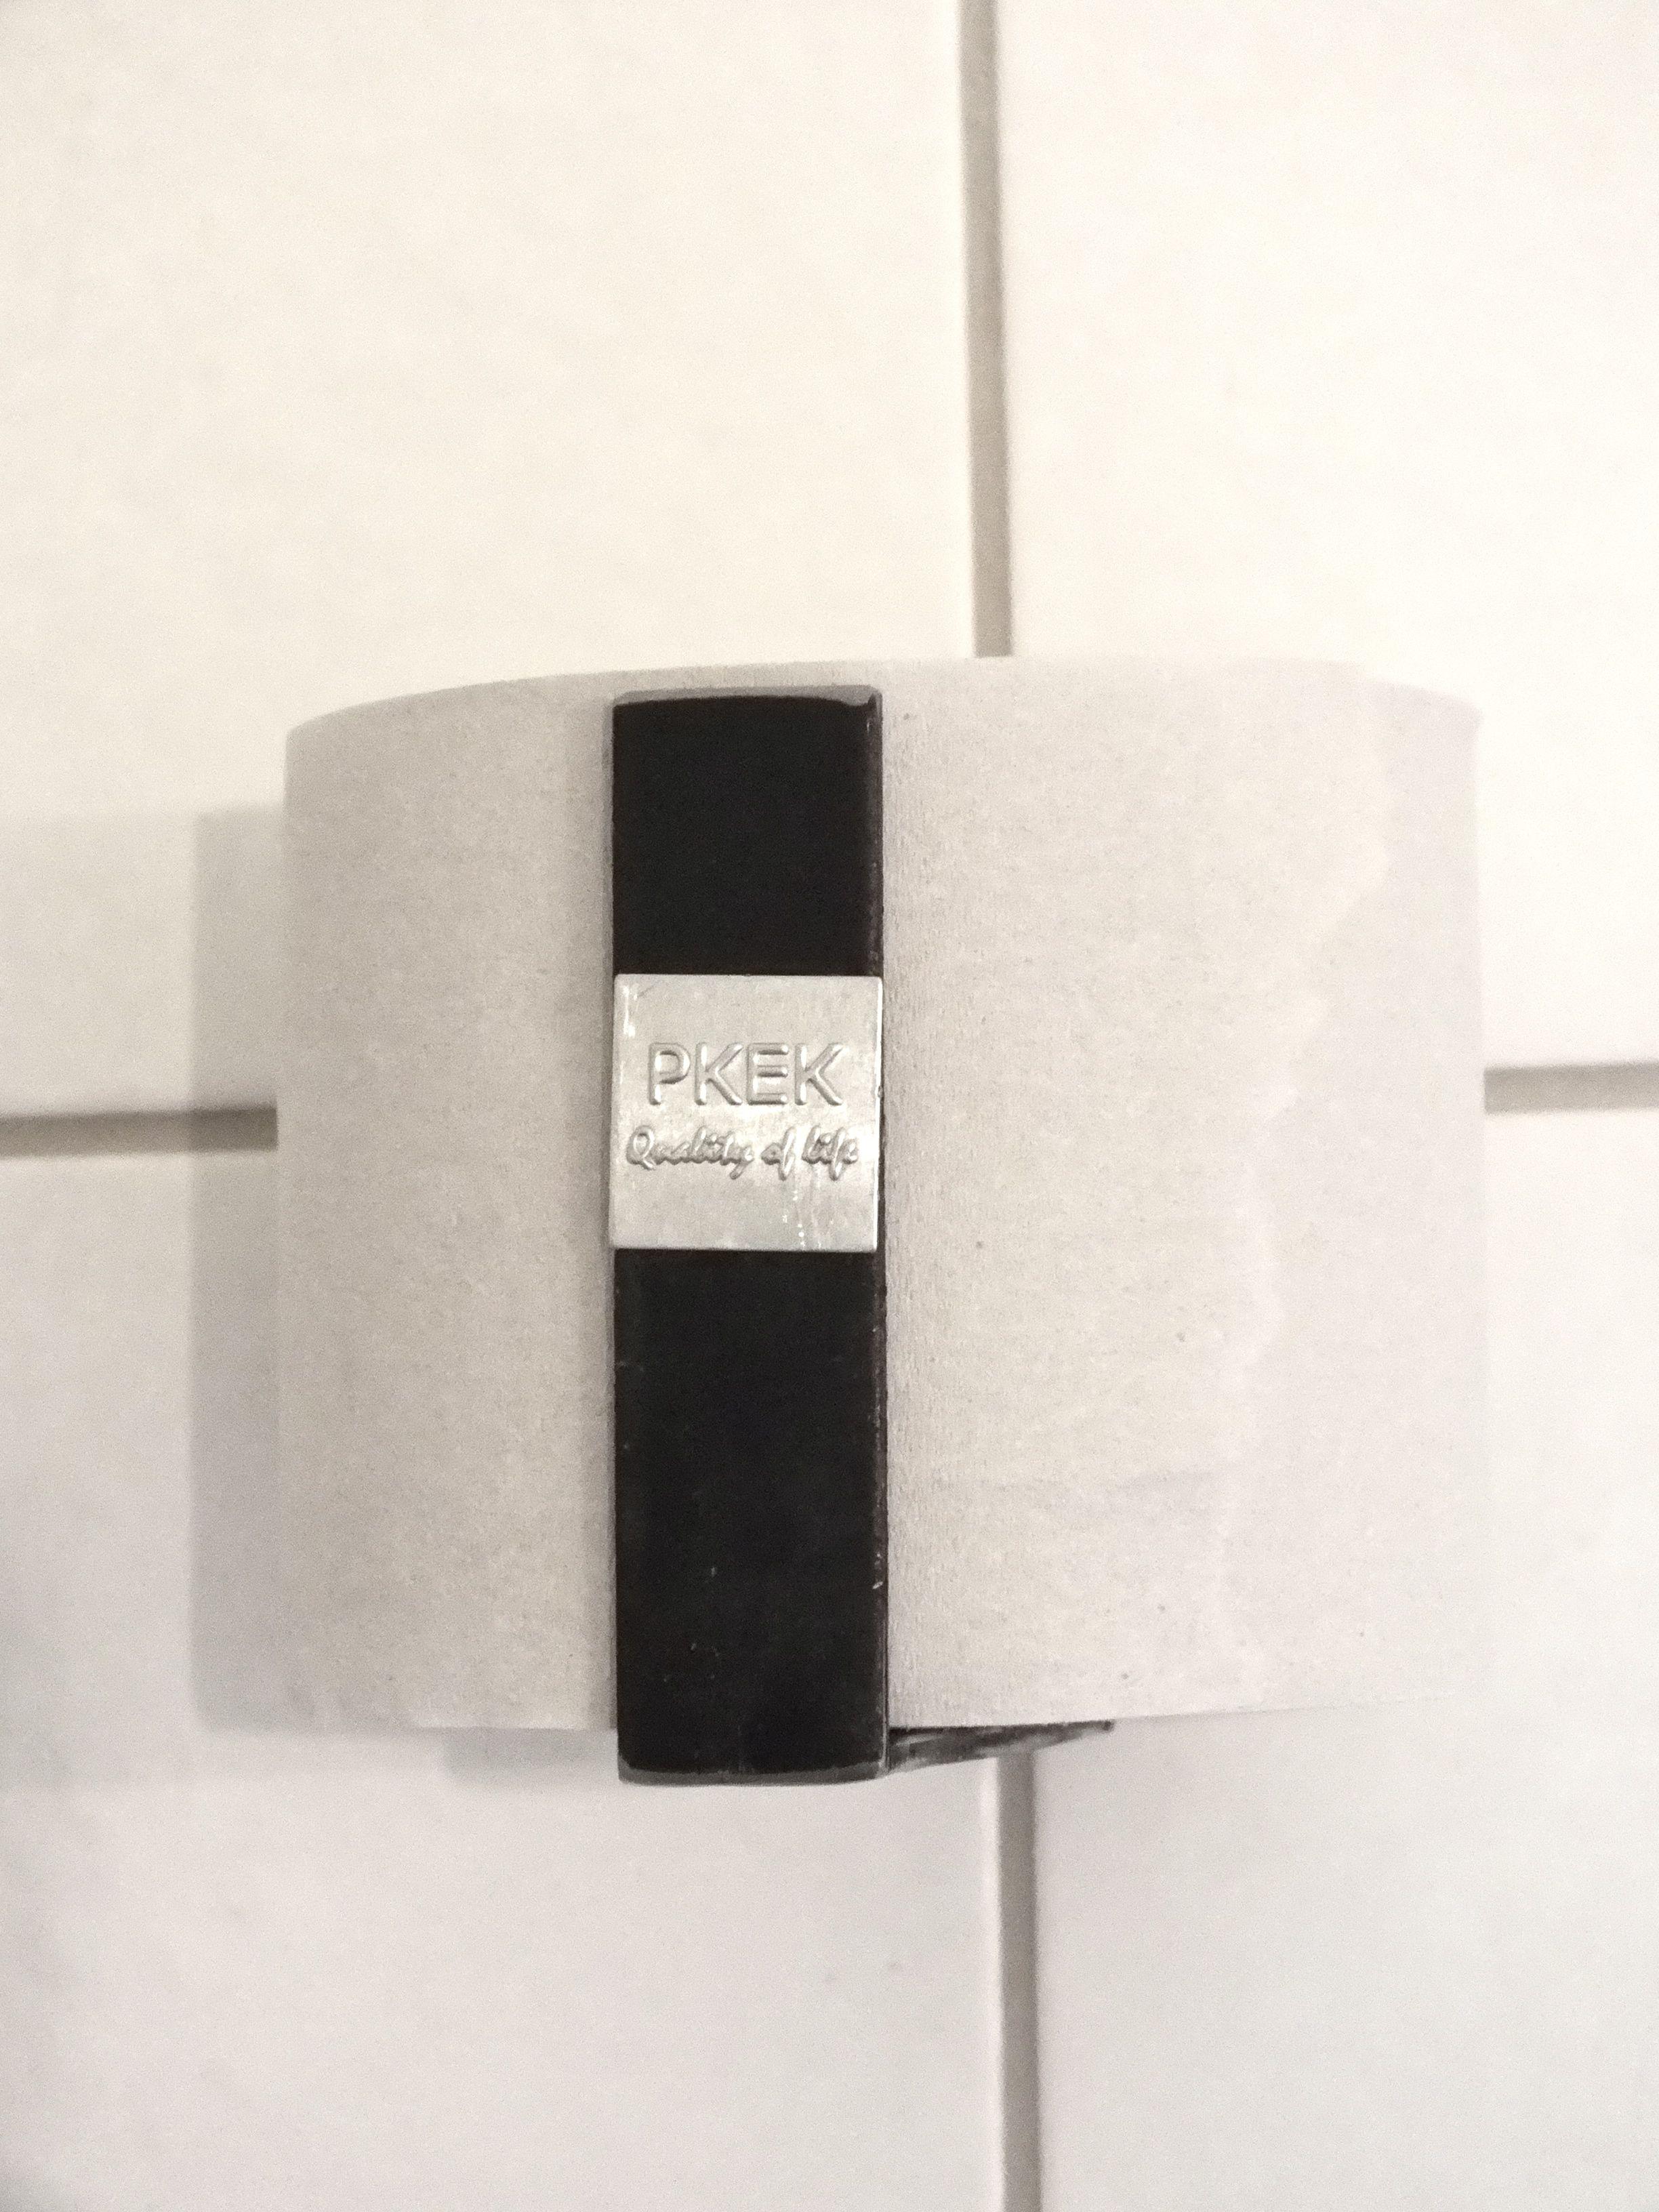 PKEK Quality of life - PAPPERSHÅLLARE BADRUM STÅL